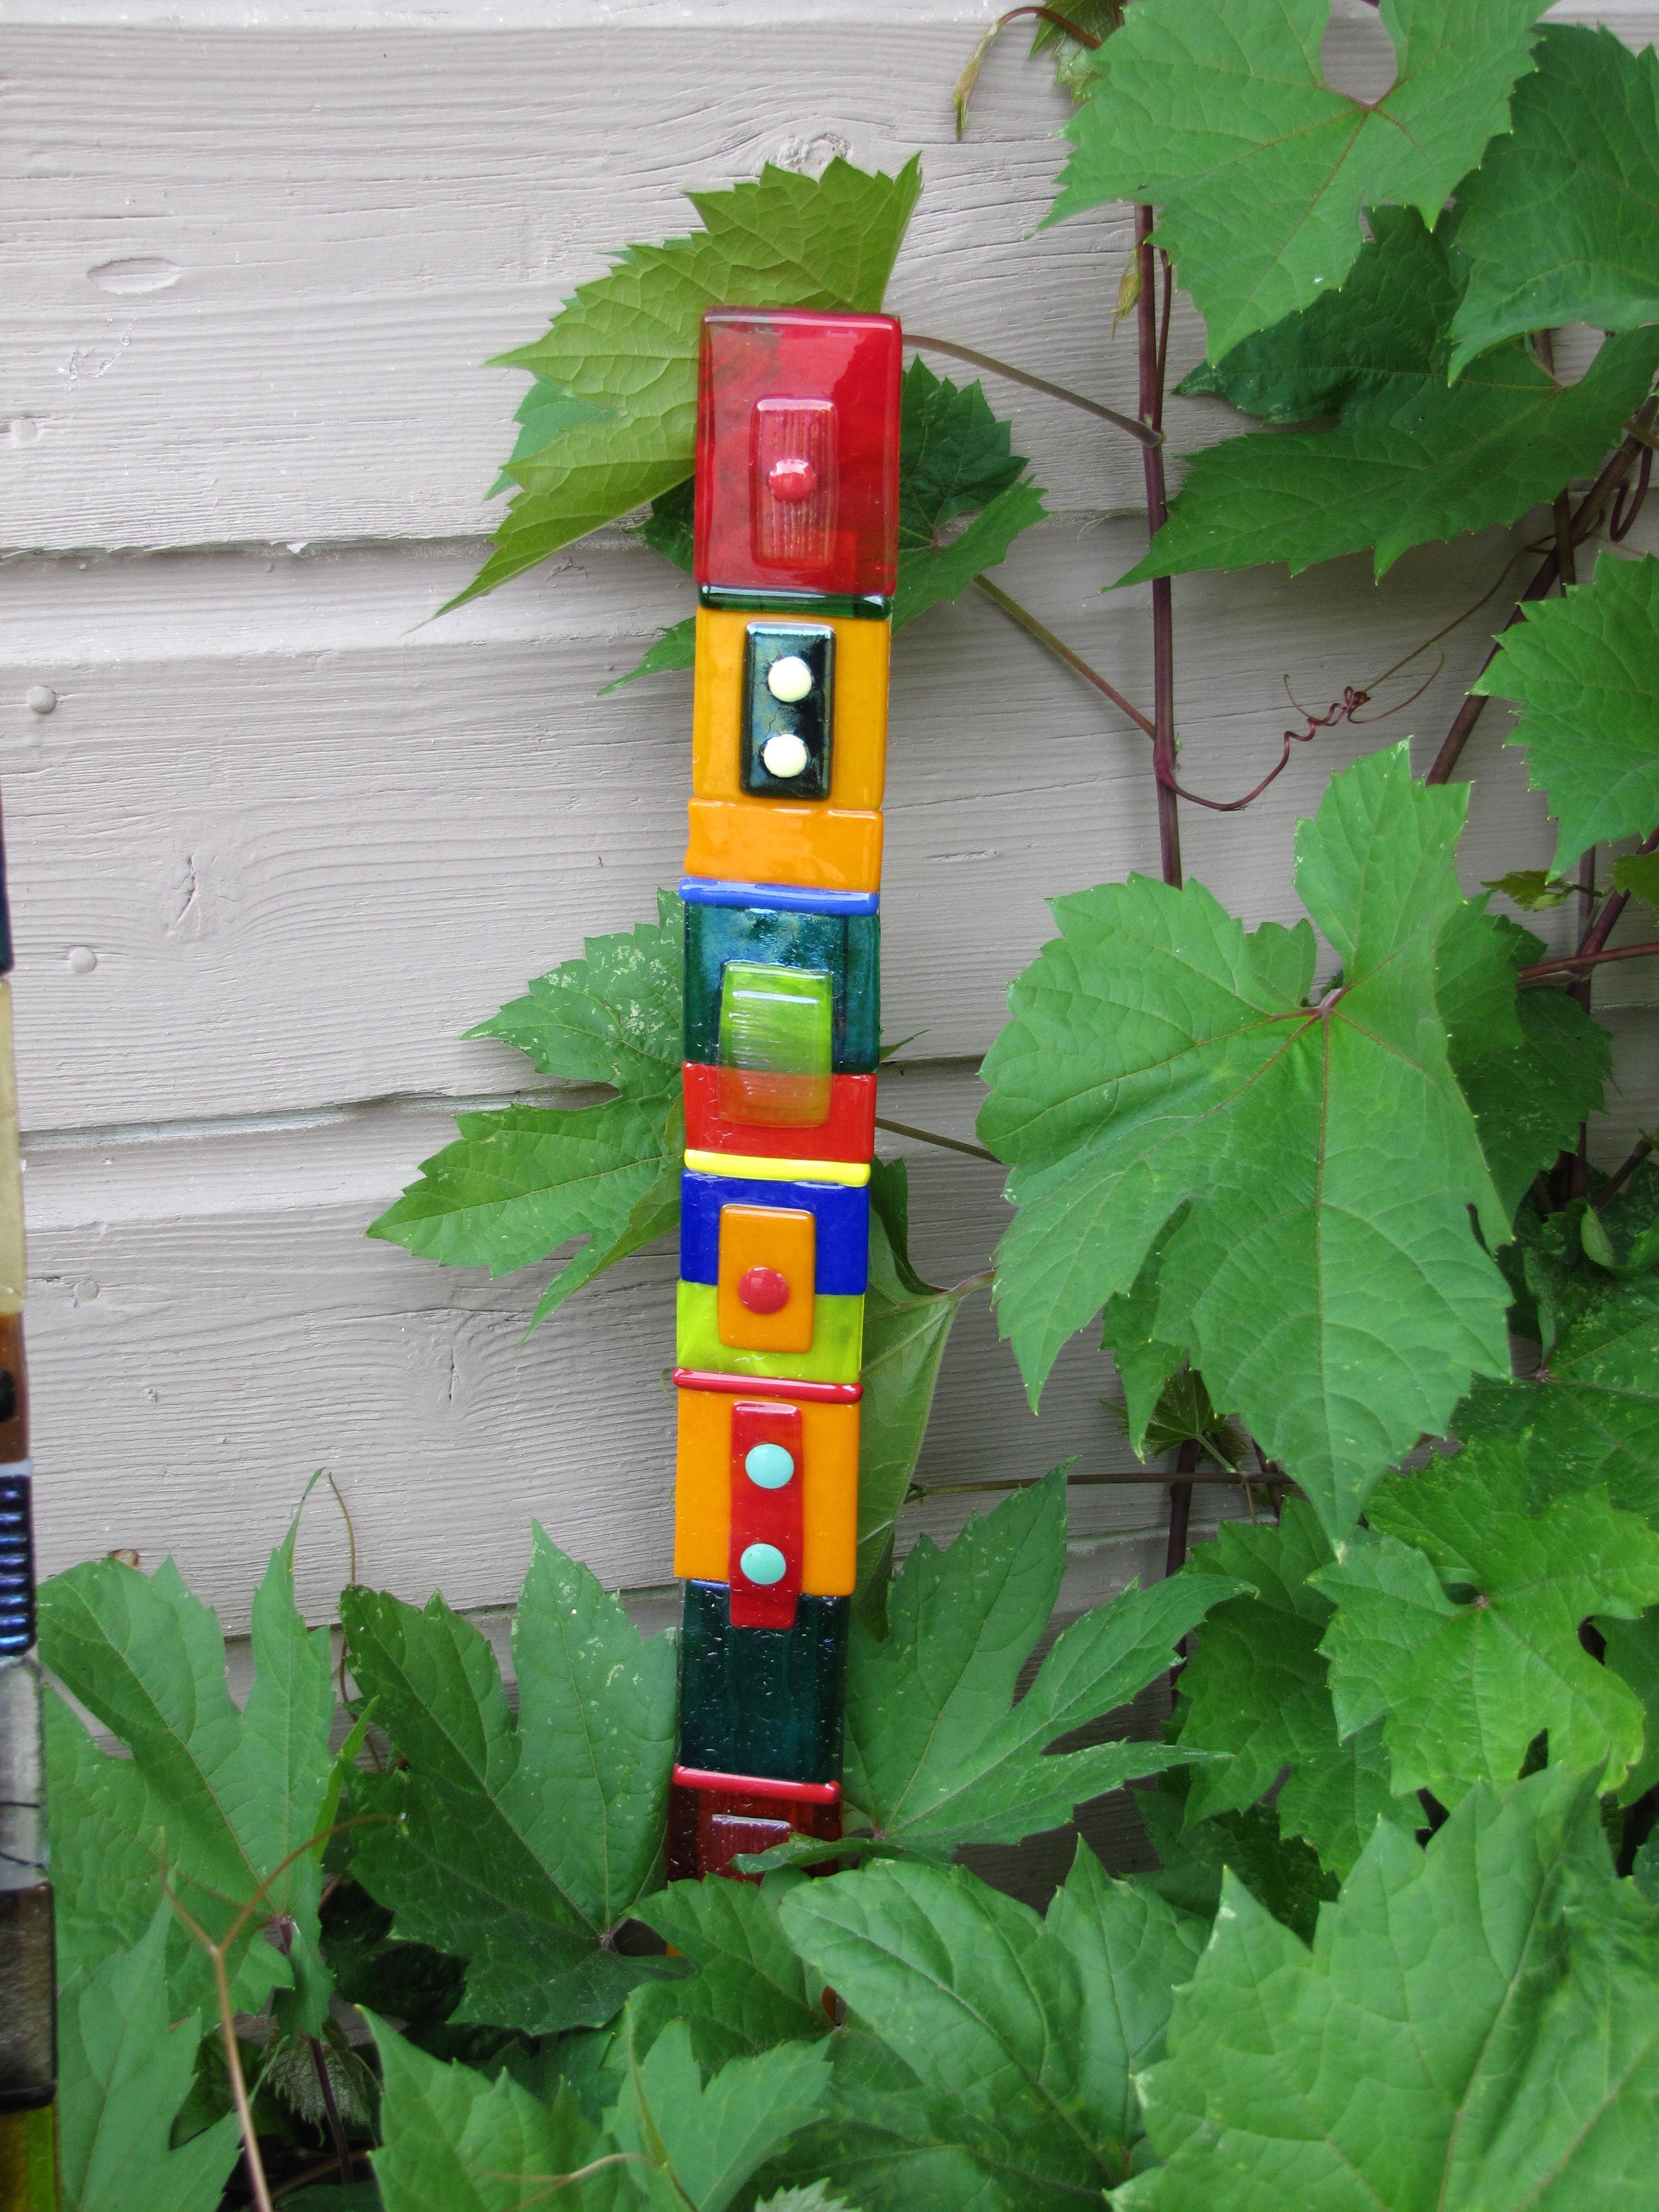 Hands On Art Studio Door County Fish Creek Art Fused